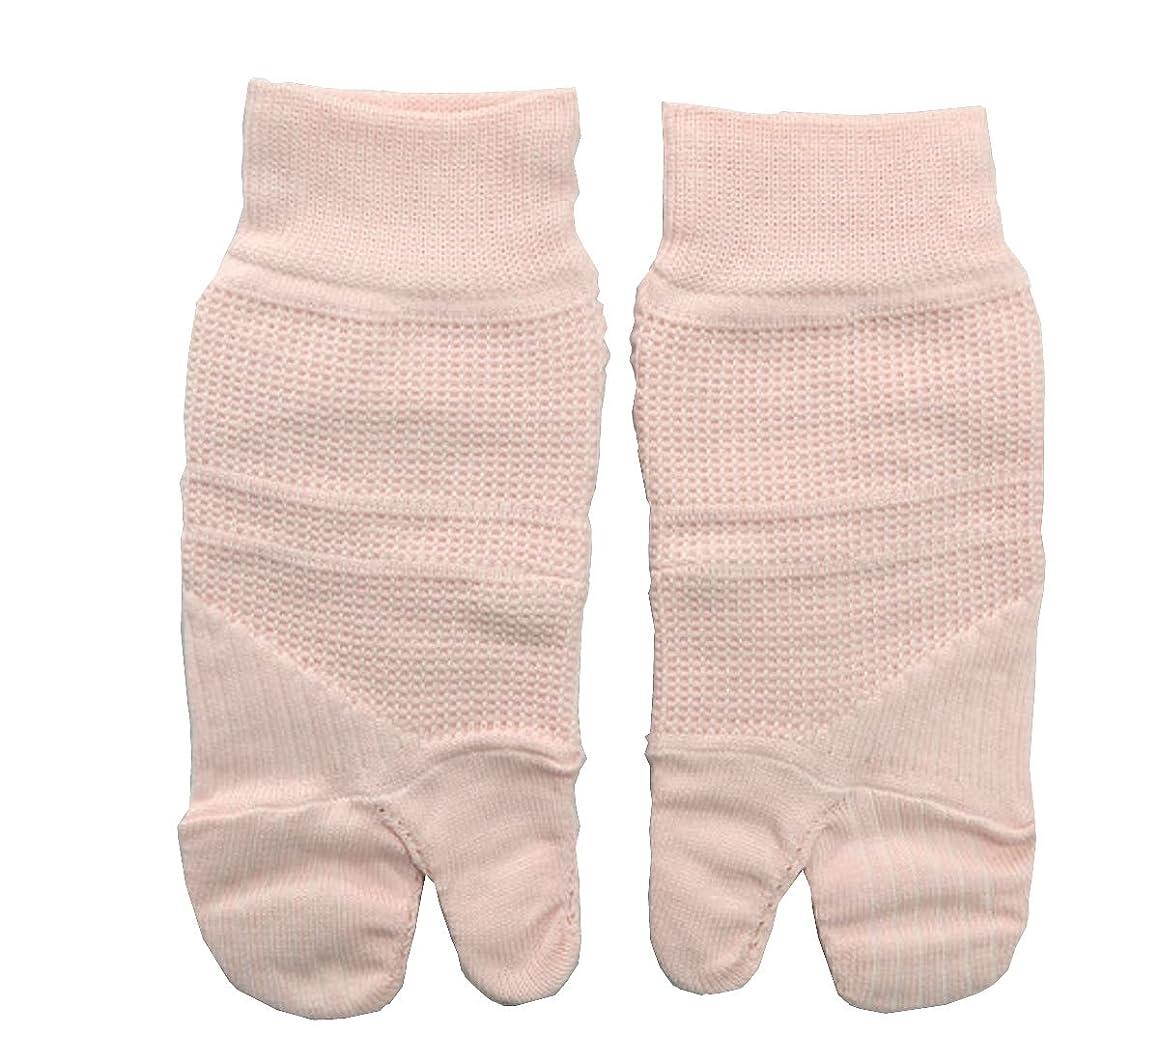 致命的正当なかび臭い外反母趾対策靴下(通常タイプ) コーポレーションパールスター?広島大学大学院特許製品